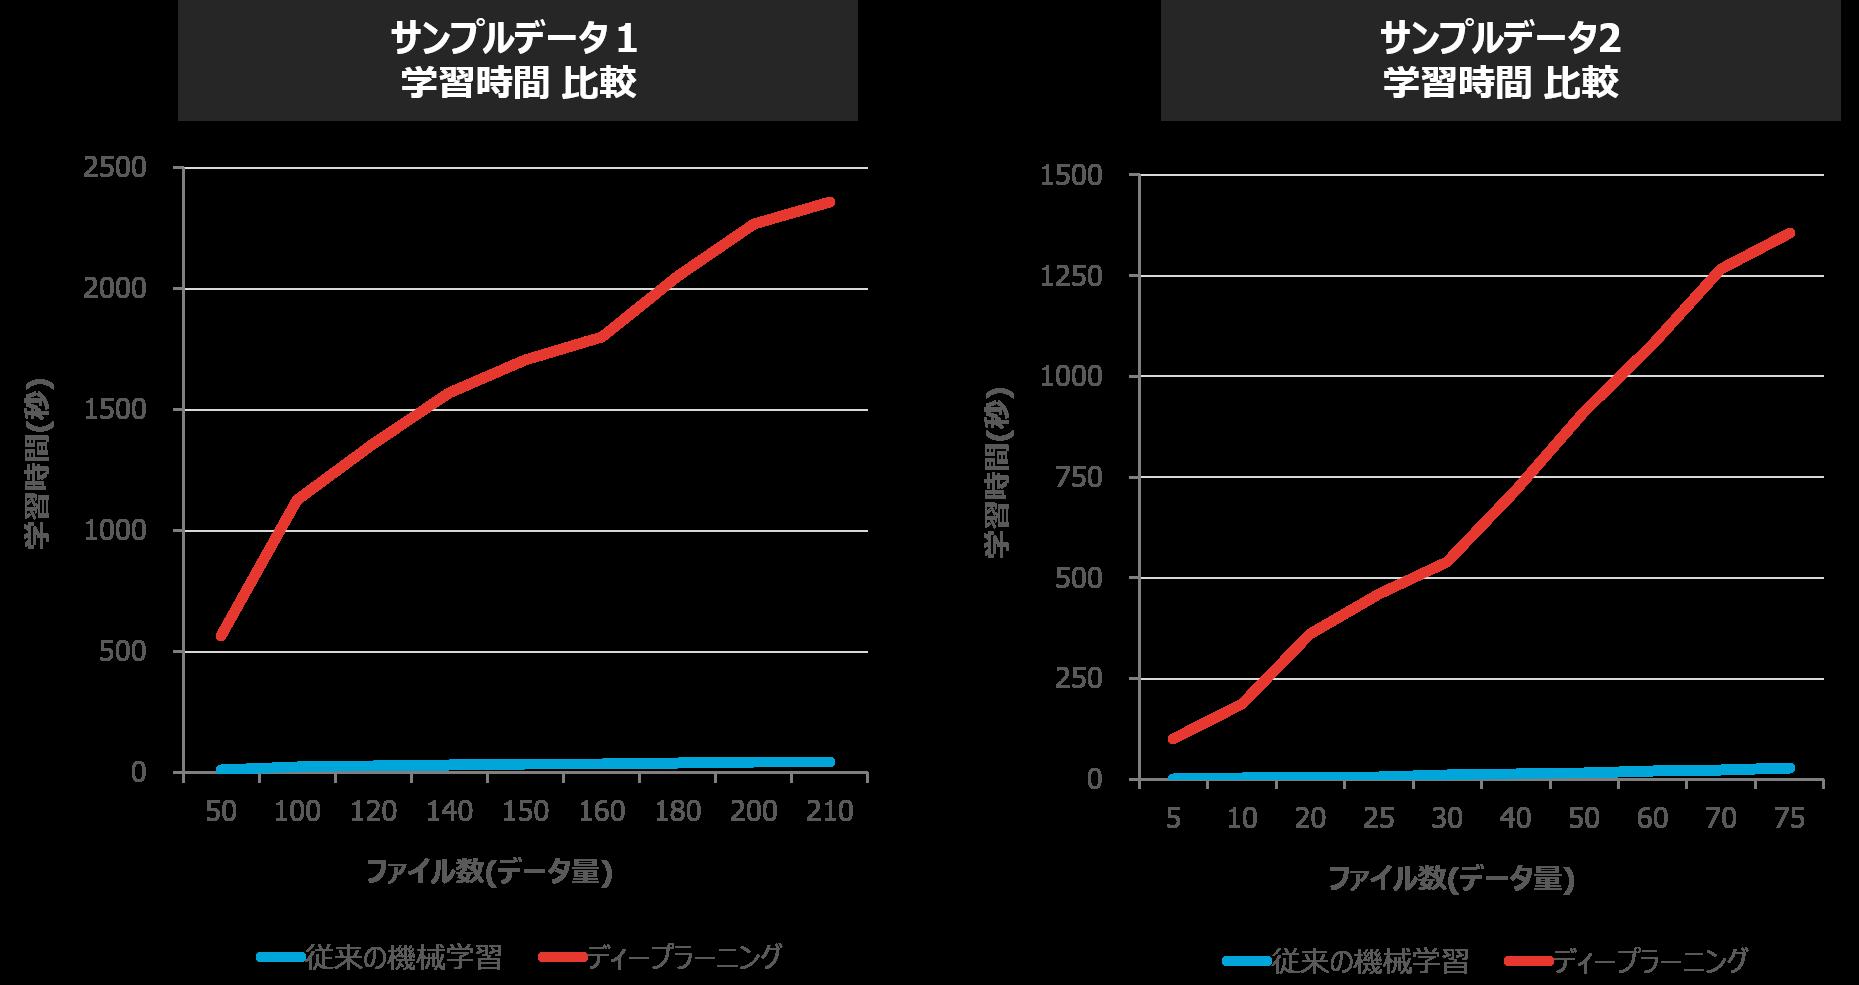 従来の機械学習とディープラーニングの処理時間(学習と推論)比較_1